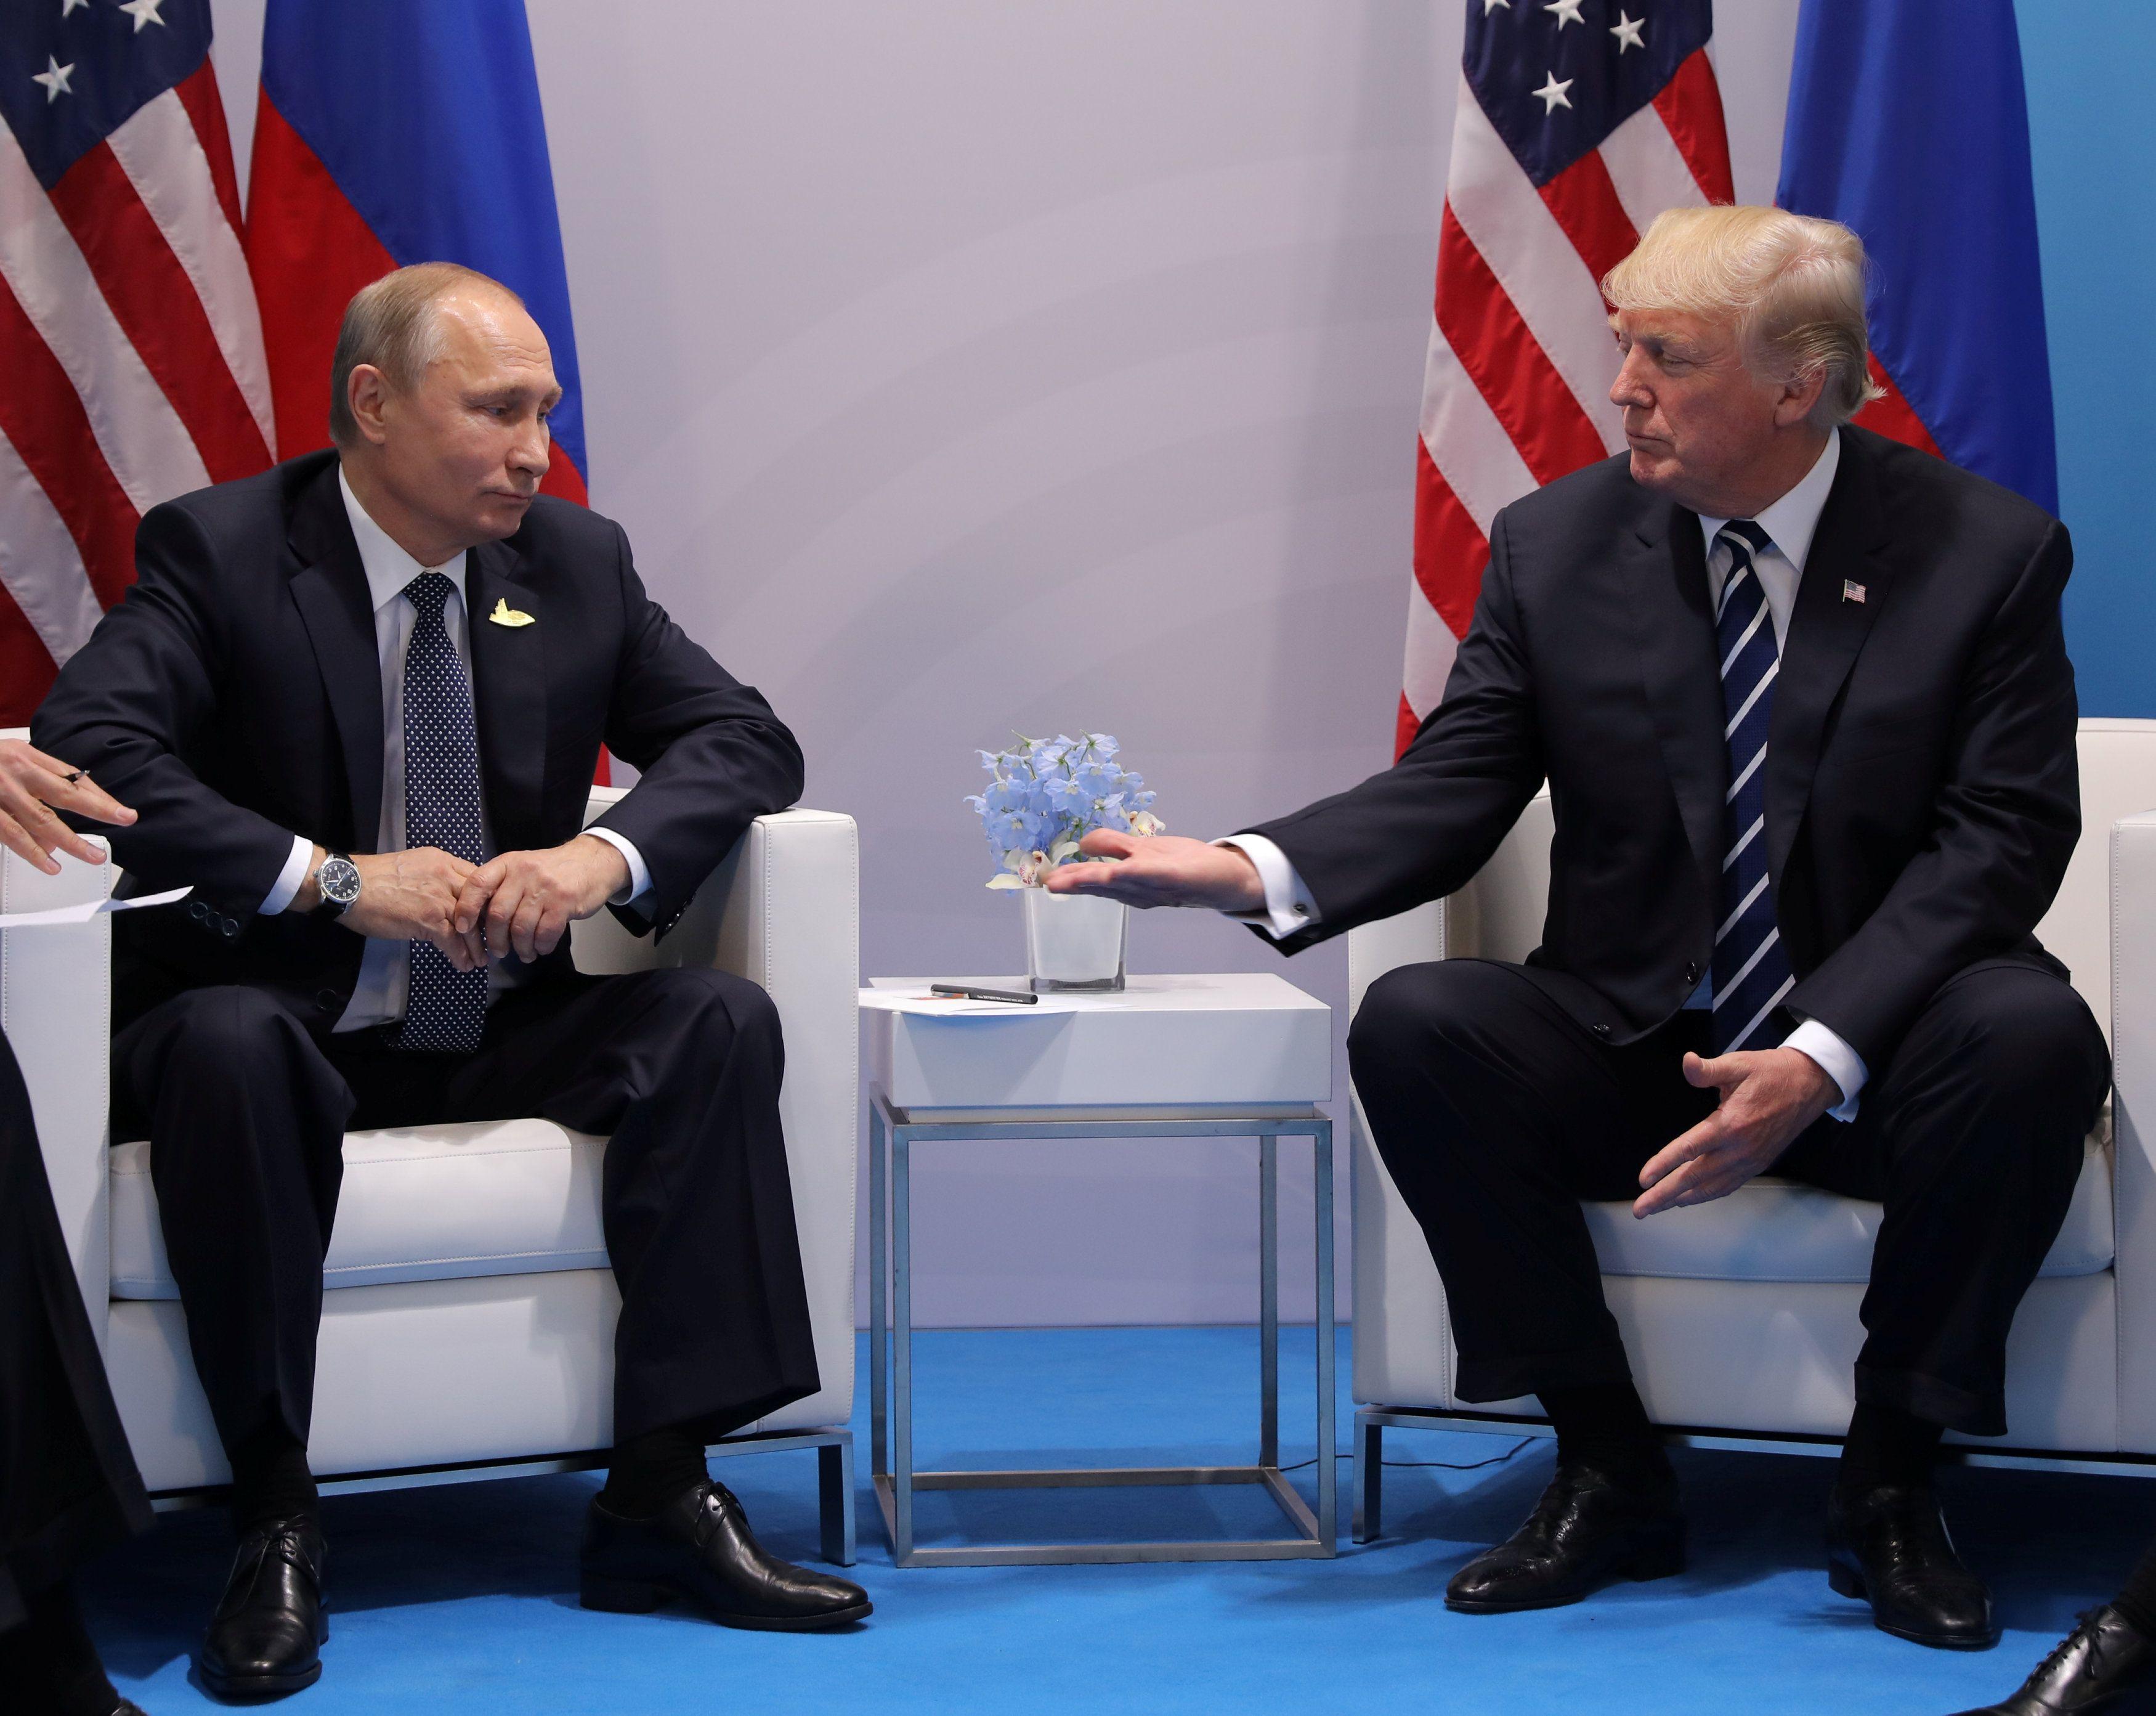 После встречи с Владимиром Путиным Дональду Трампу придется резко усилить антироссийскую риторику и действия, полагает эксперт